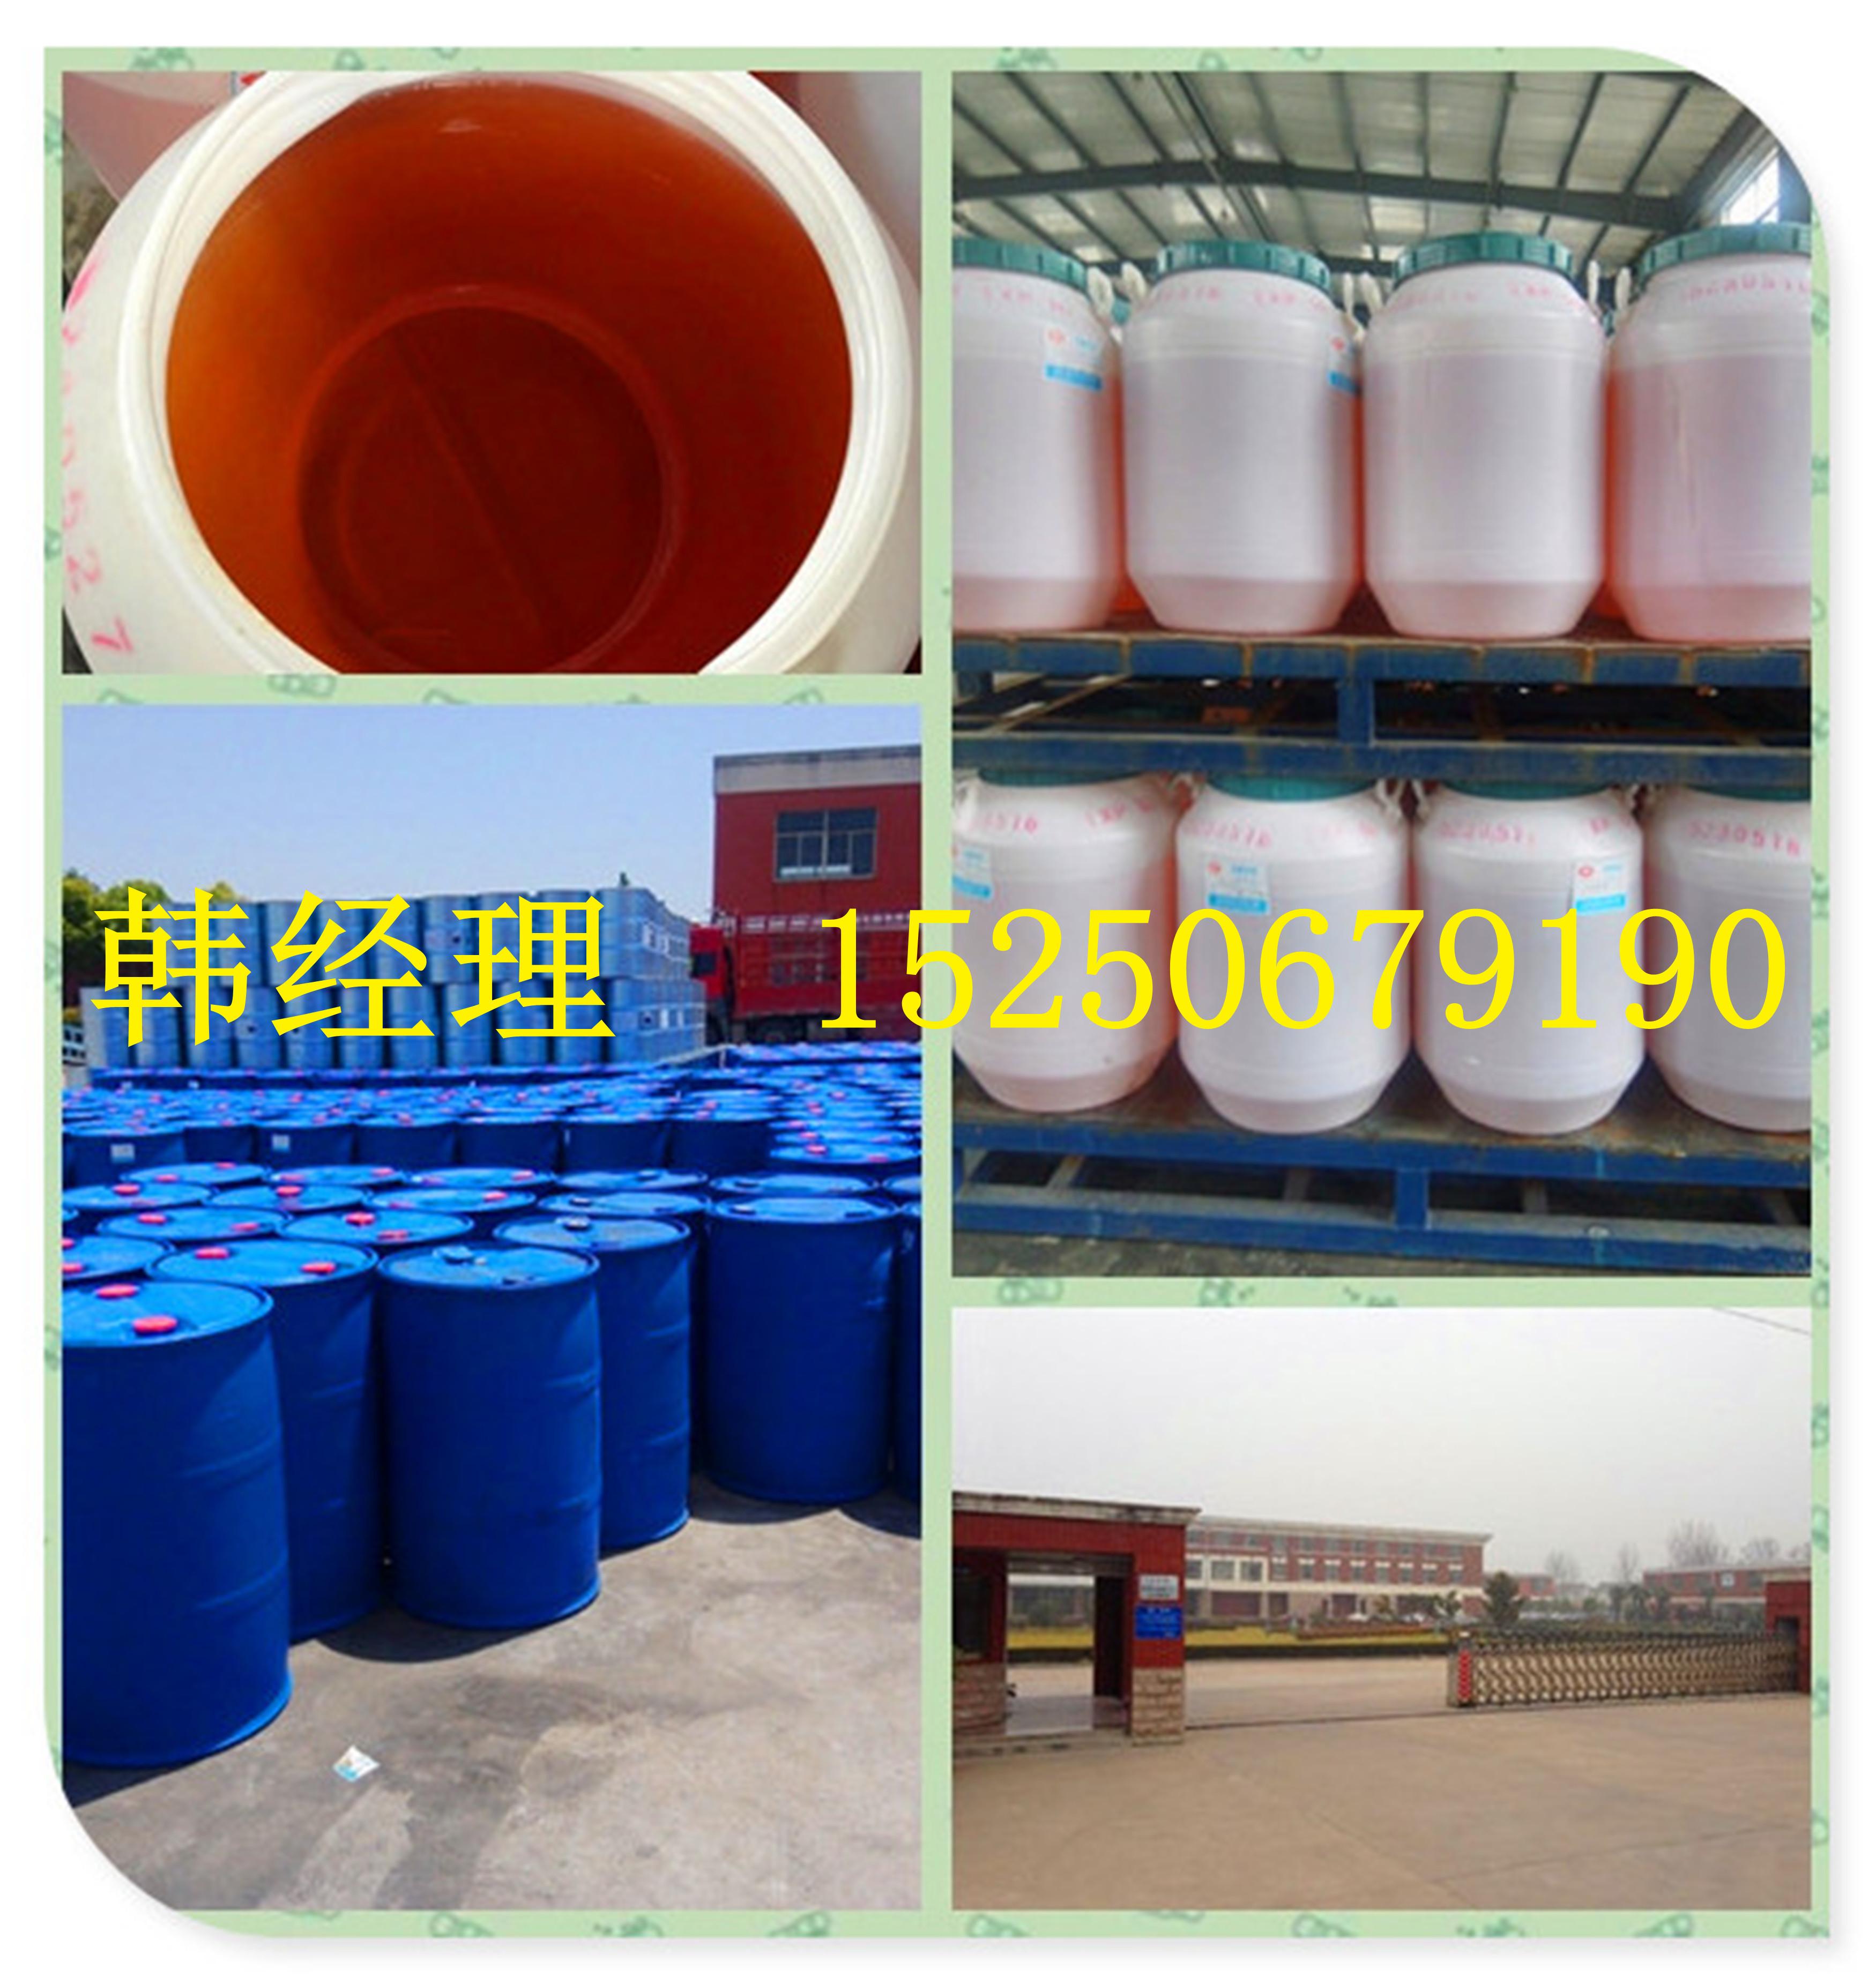 供应橡胶分散剂 A110  聚乙二醇单油酸酯厂家直供